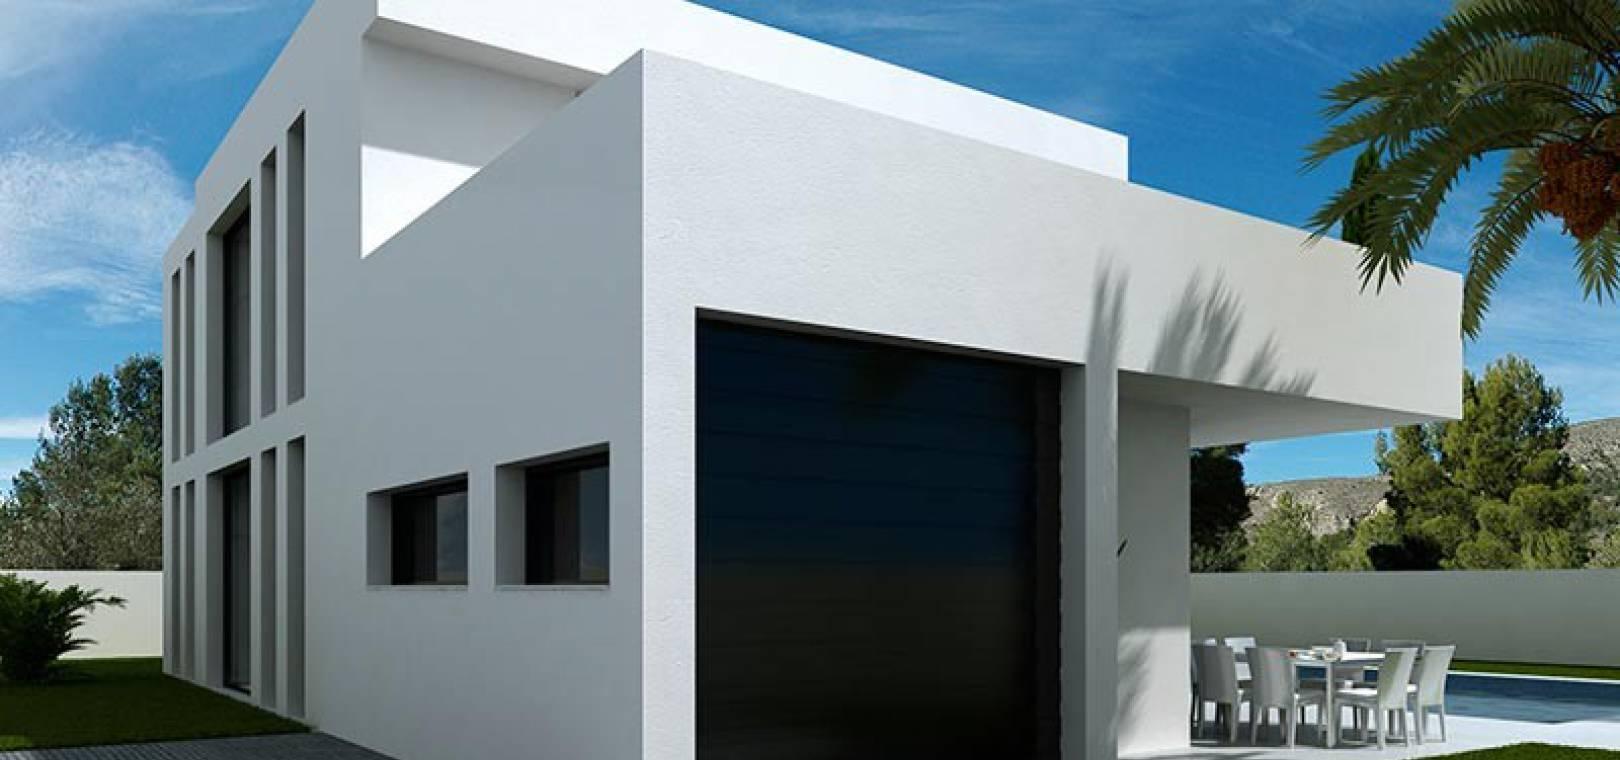 Van het plan afwijkend - Villa - Ciudad Quesada